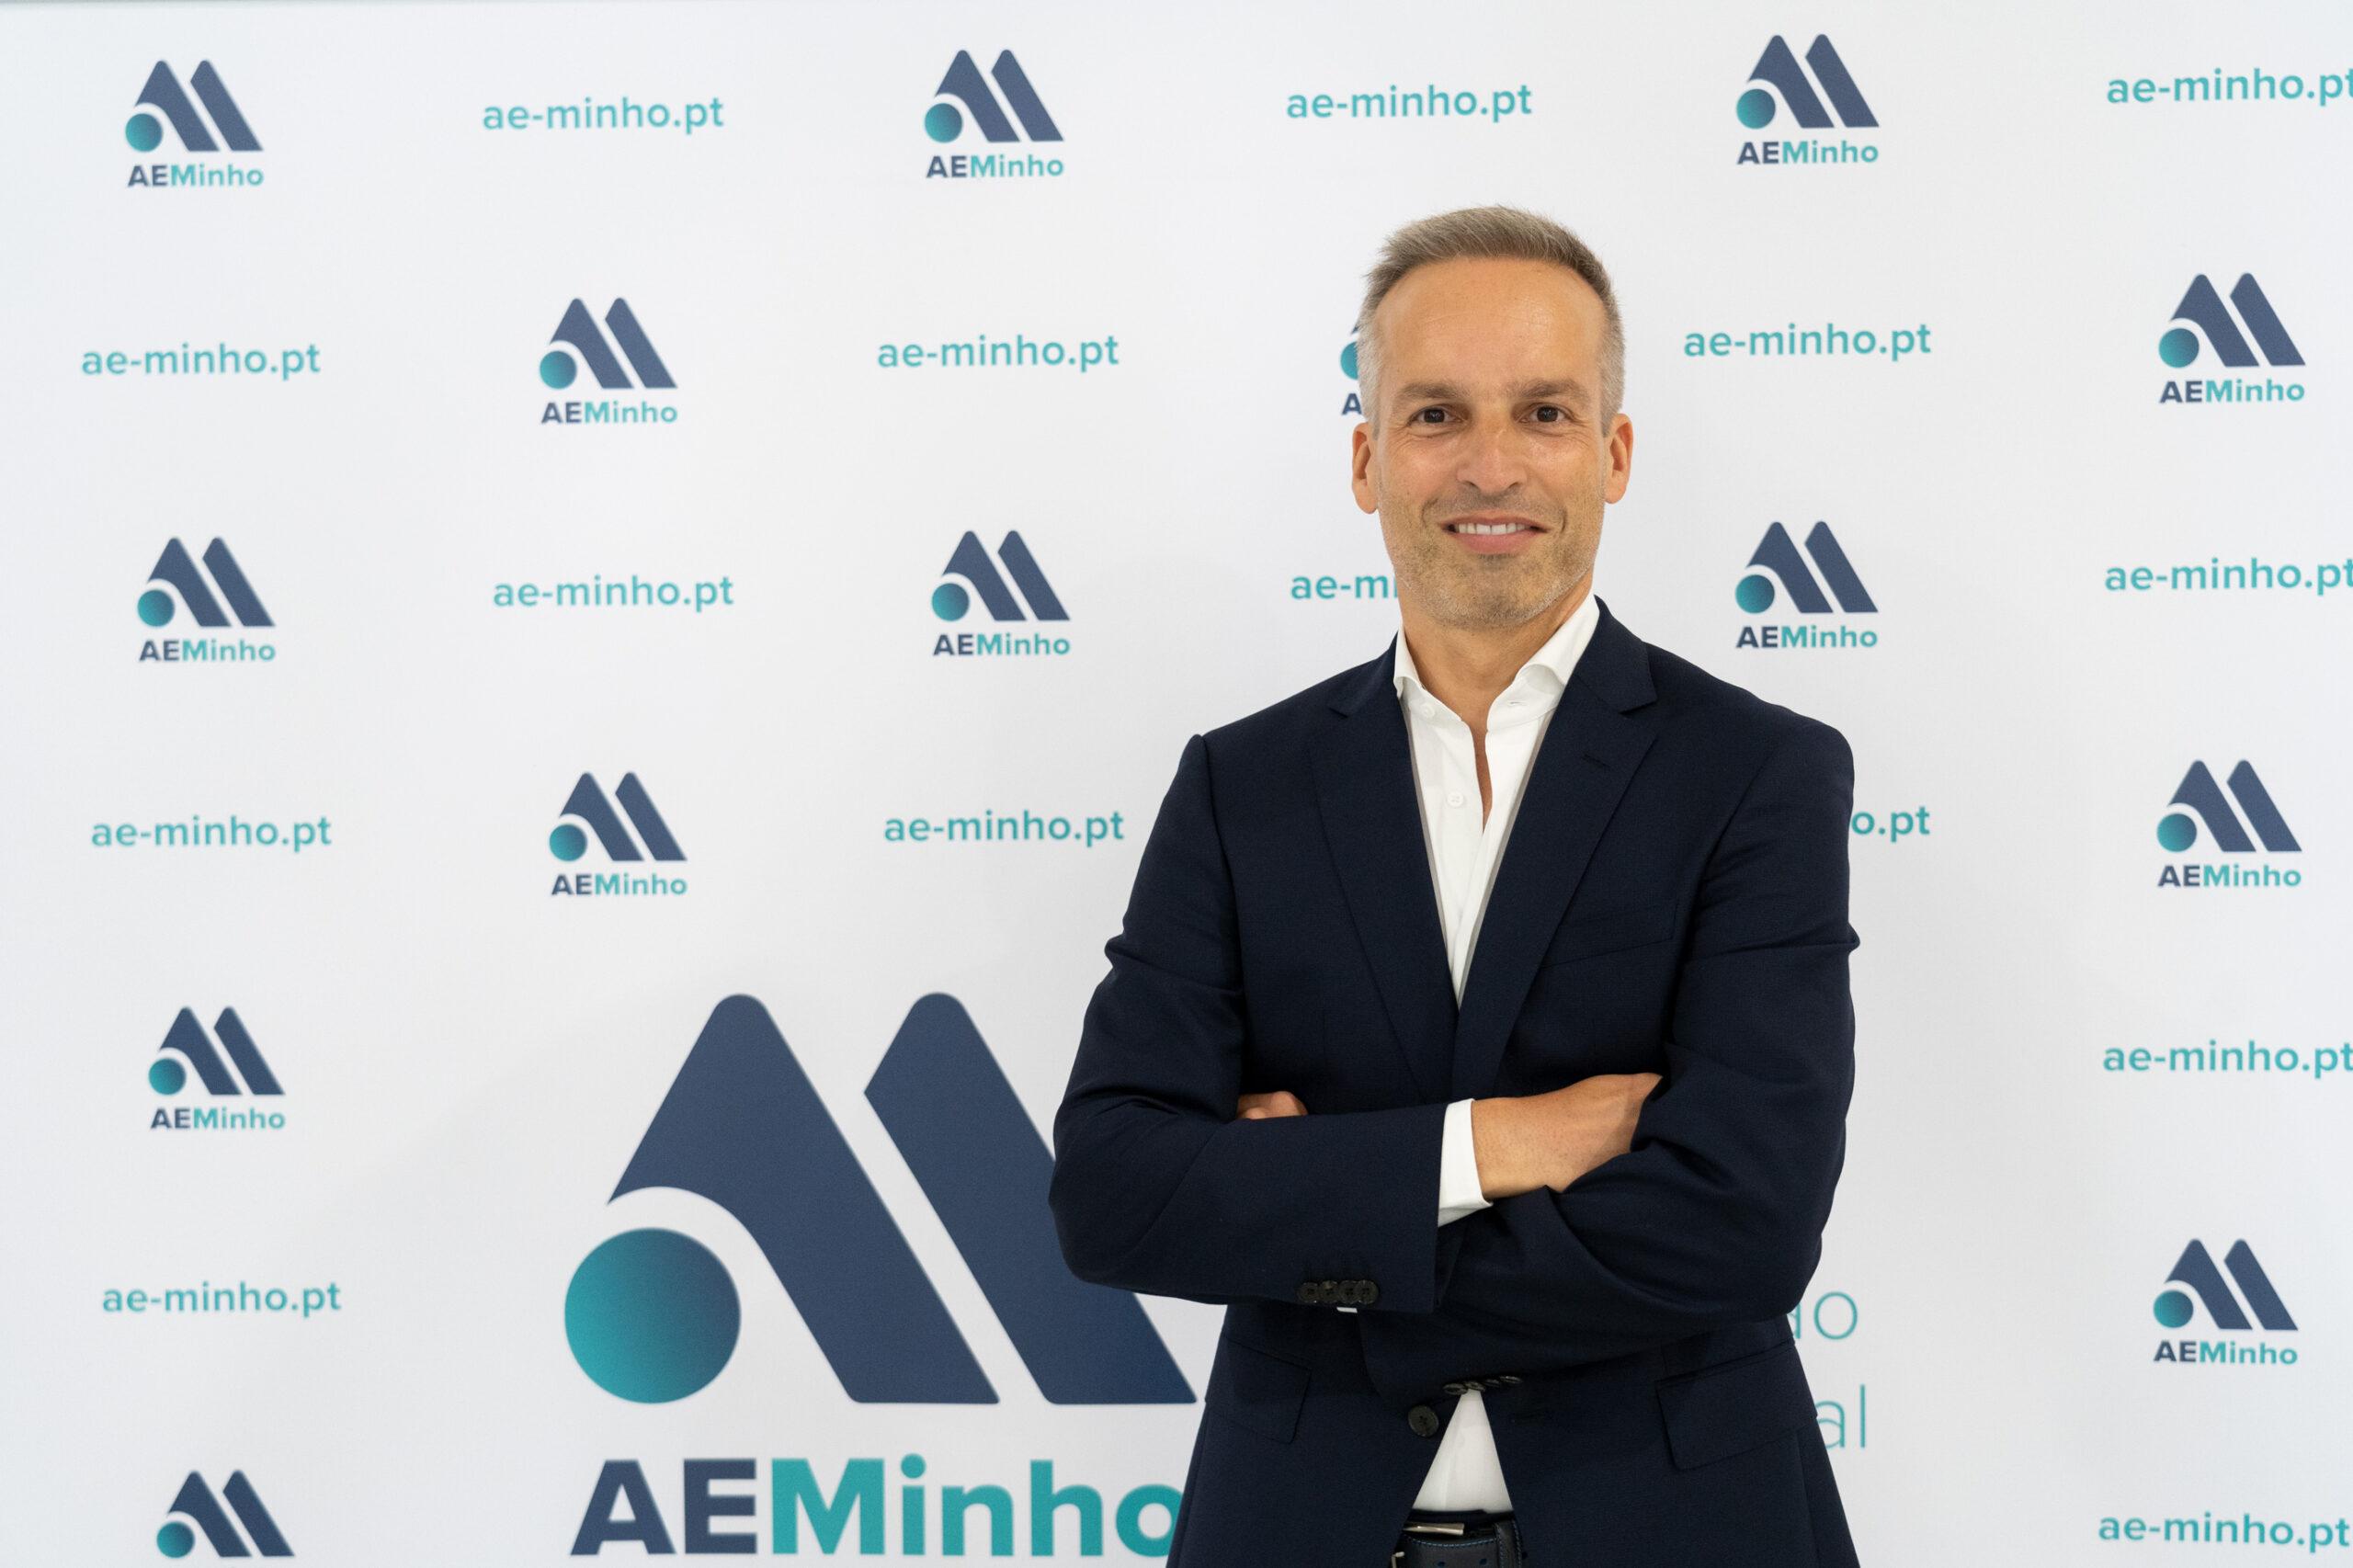 """AEMinho quer compromisso """"urgente e imperativo"""" para que Estado não lucre com aumento dos preços da energia"""